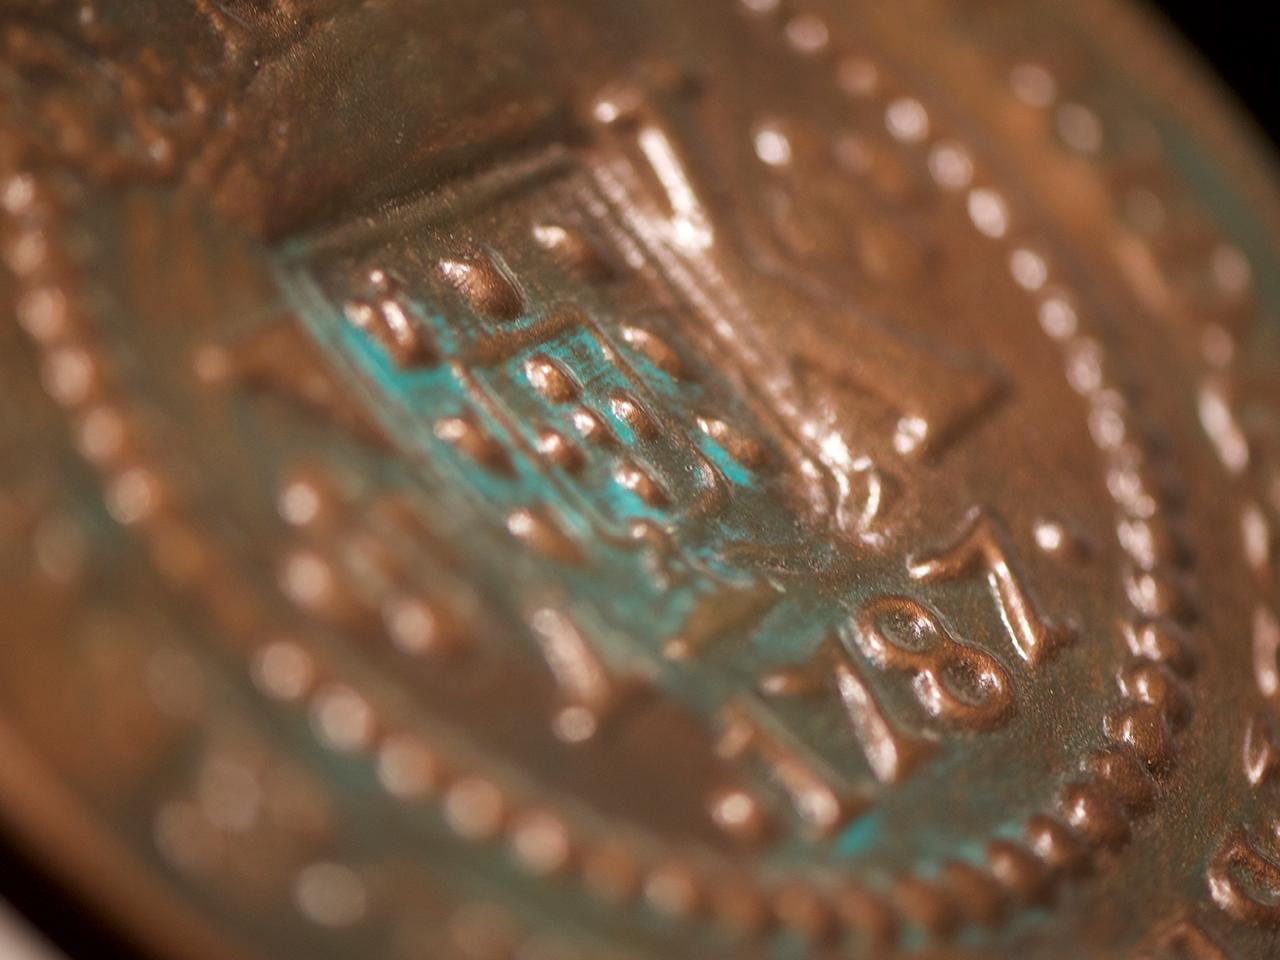 gros plan d'une reproduction d'une pièce de monnaie